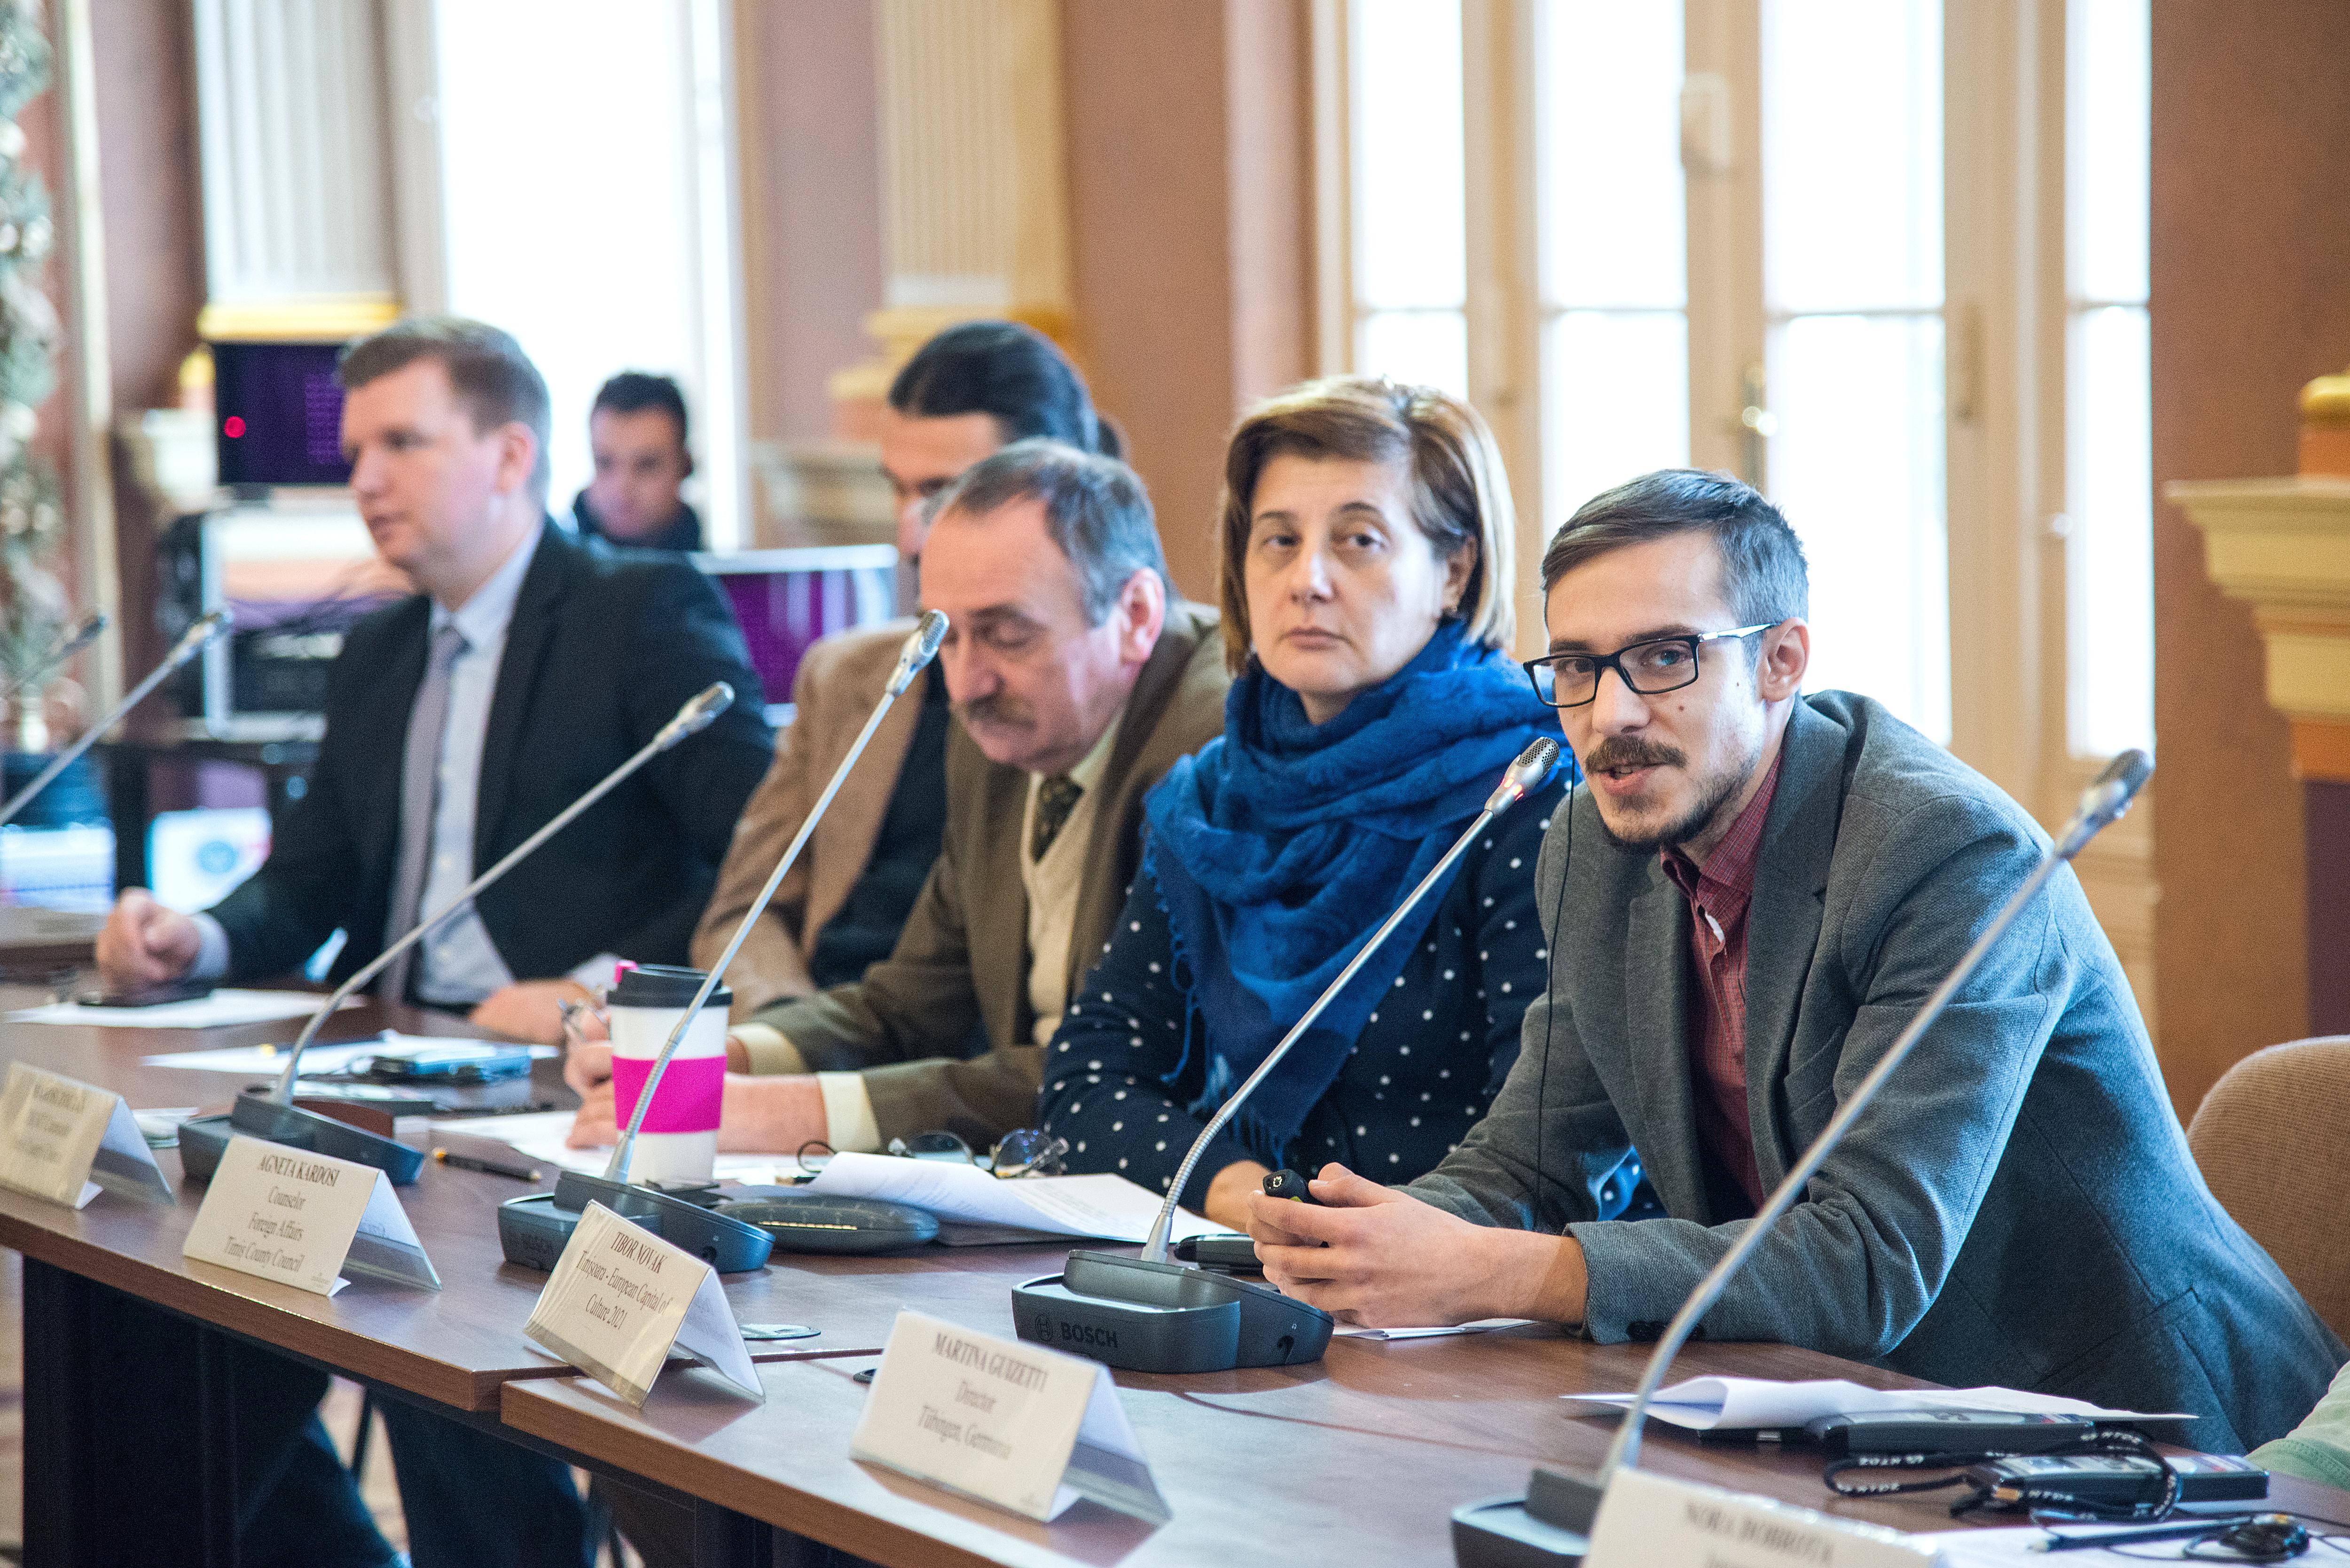 Consorţiul Cultural Activarium include două viitoare capitale culturale europene: Timişoara şi Novi Sad